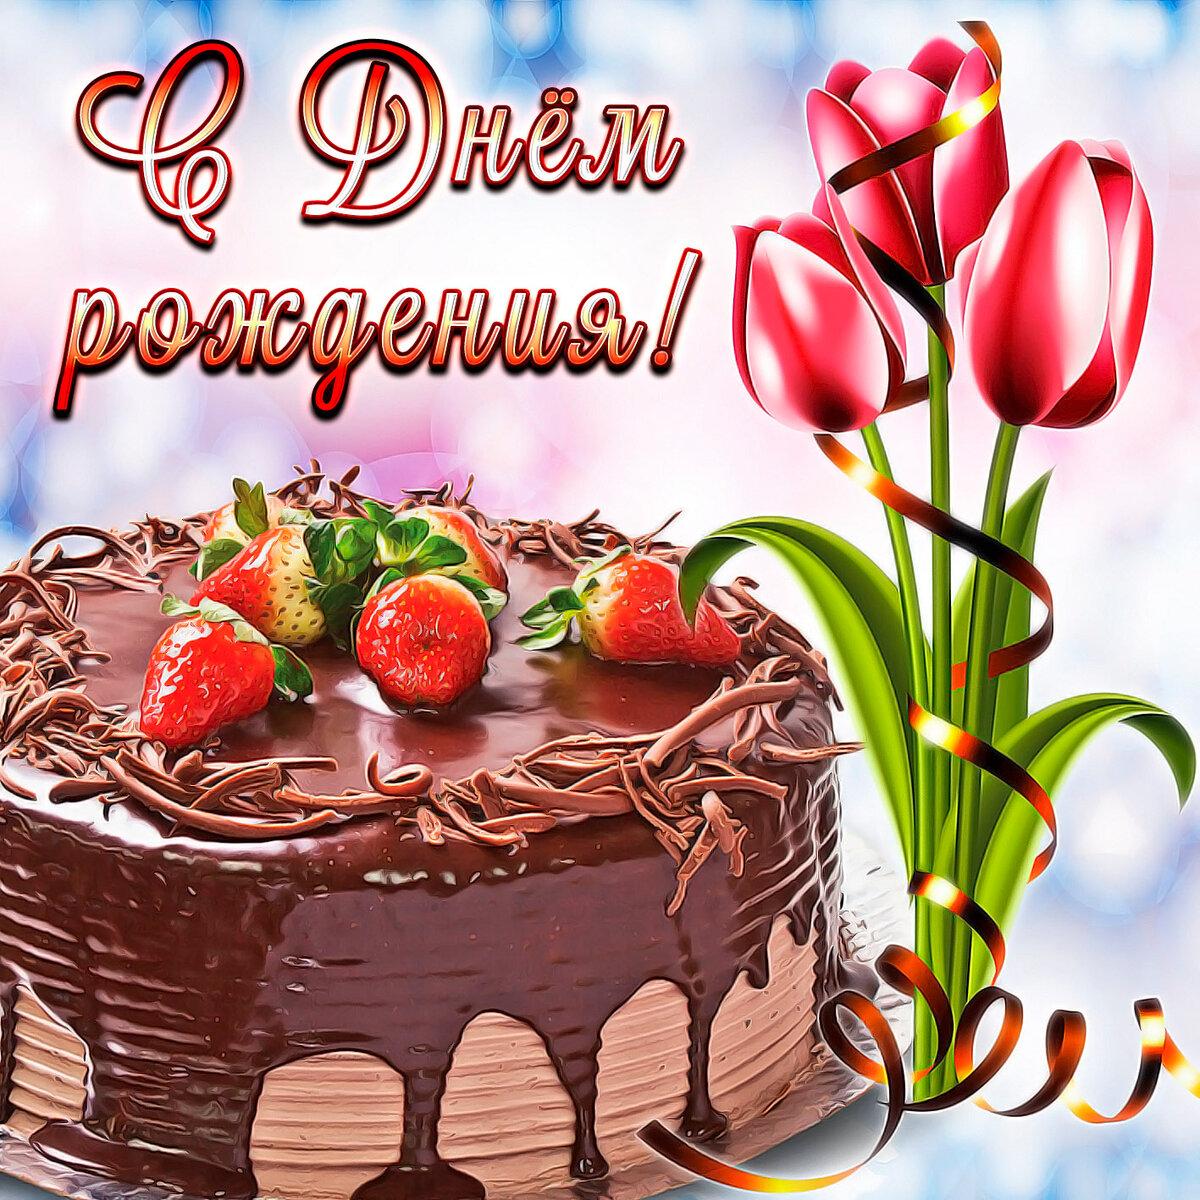 С днем рождения открытки смотреть онлайн